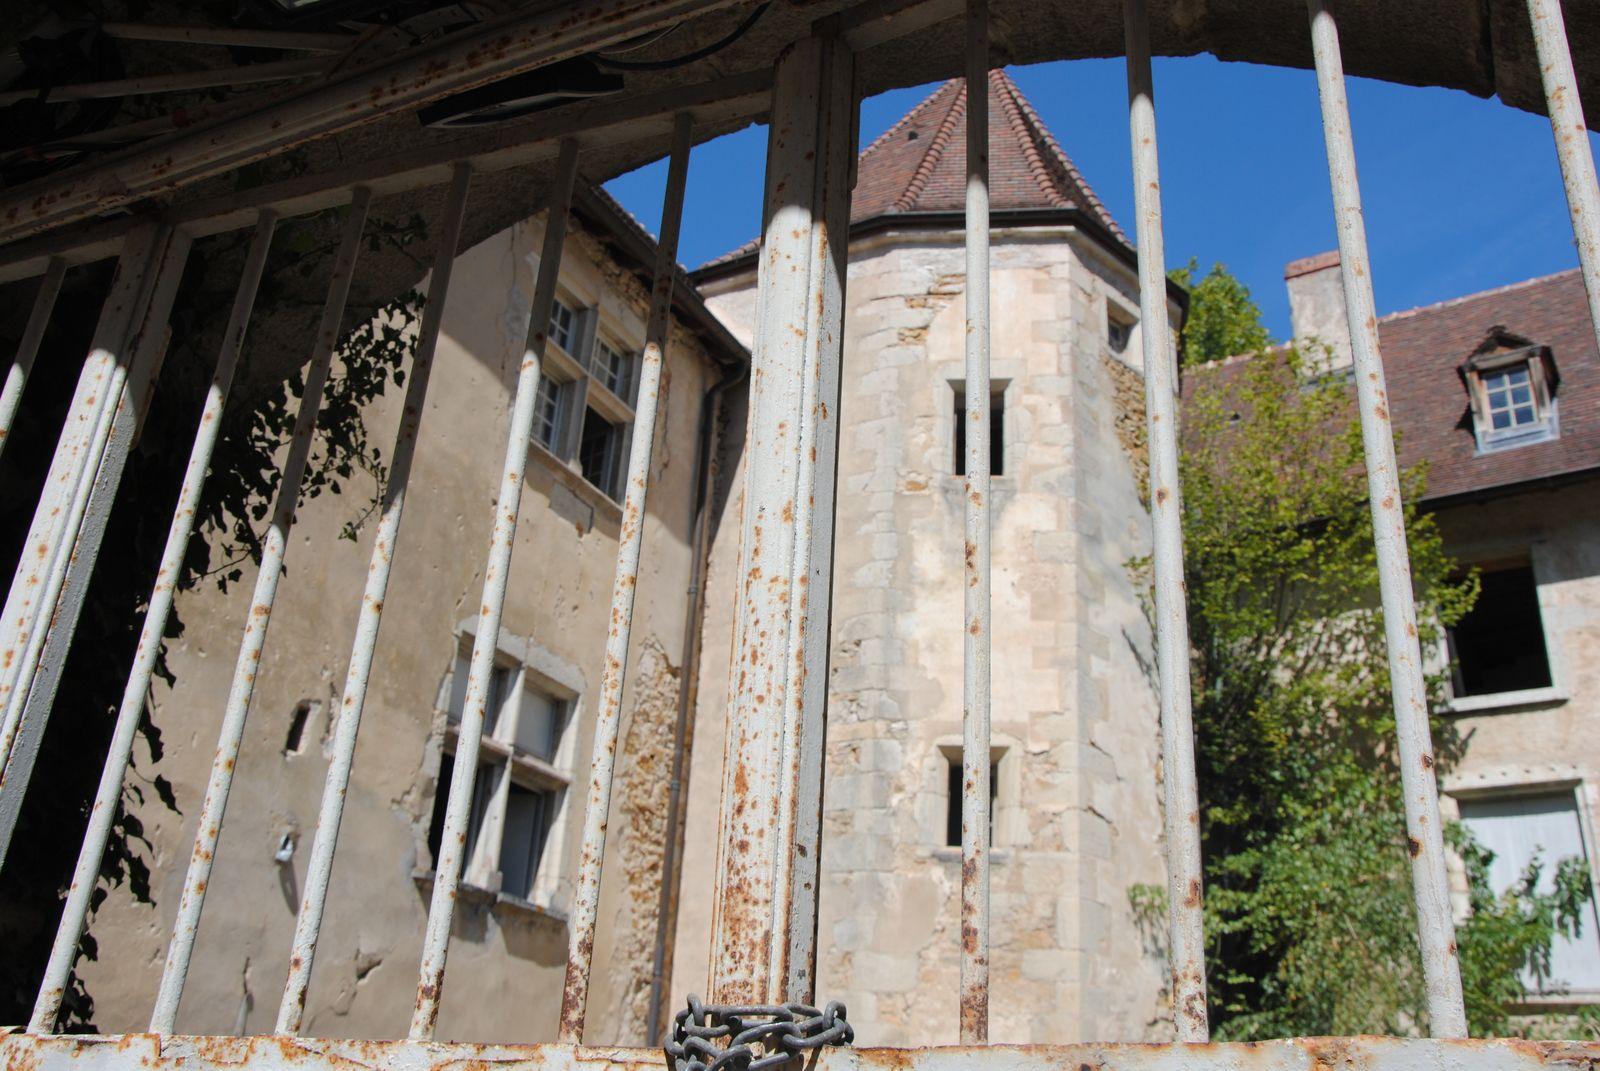 Vue de la cour du Palais abbatial et de la tour d'escalier(photo E. Coux)